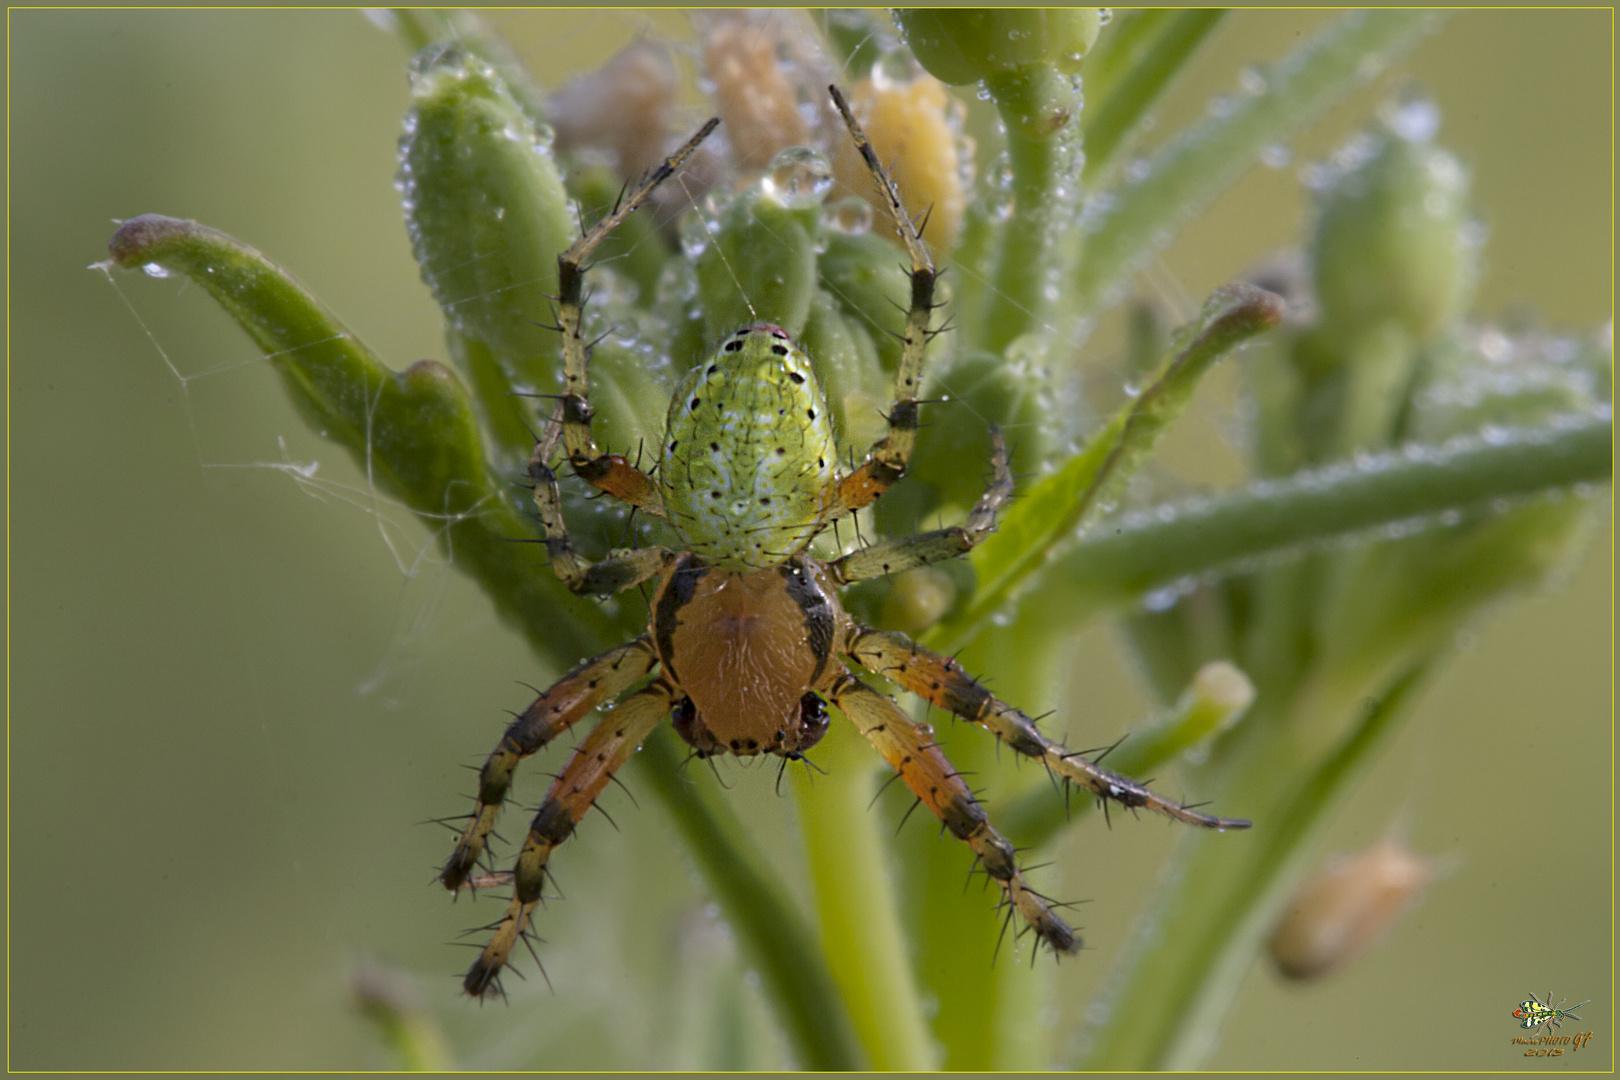 Araniella cucurbitina (Clerck 1758) Foto % Immagini